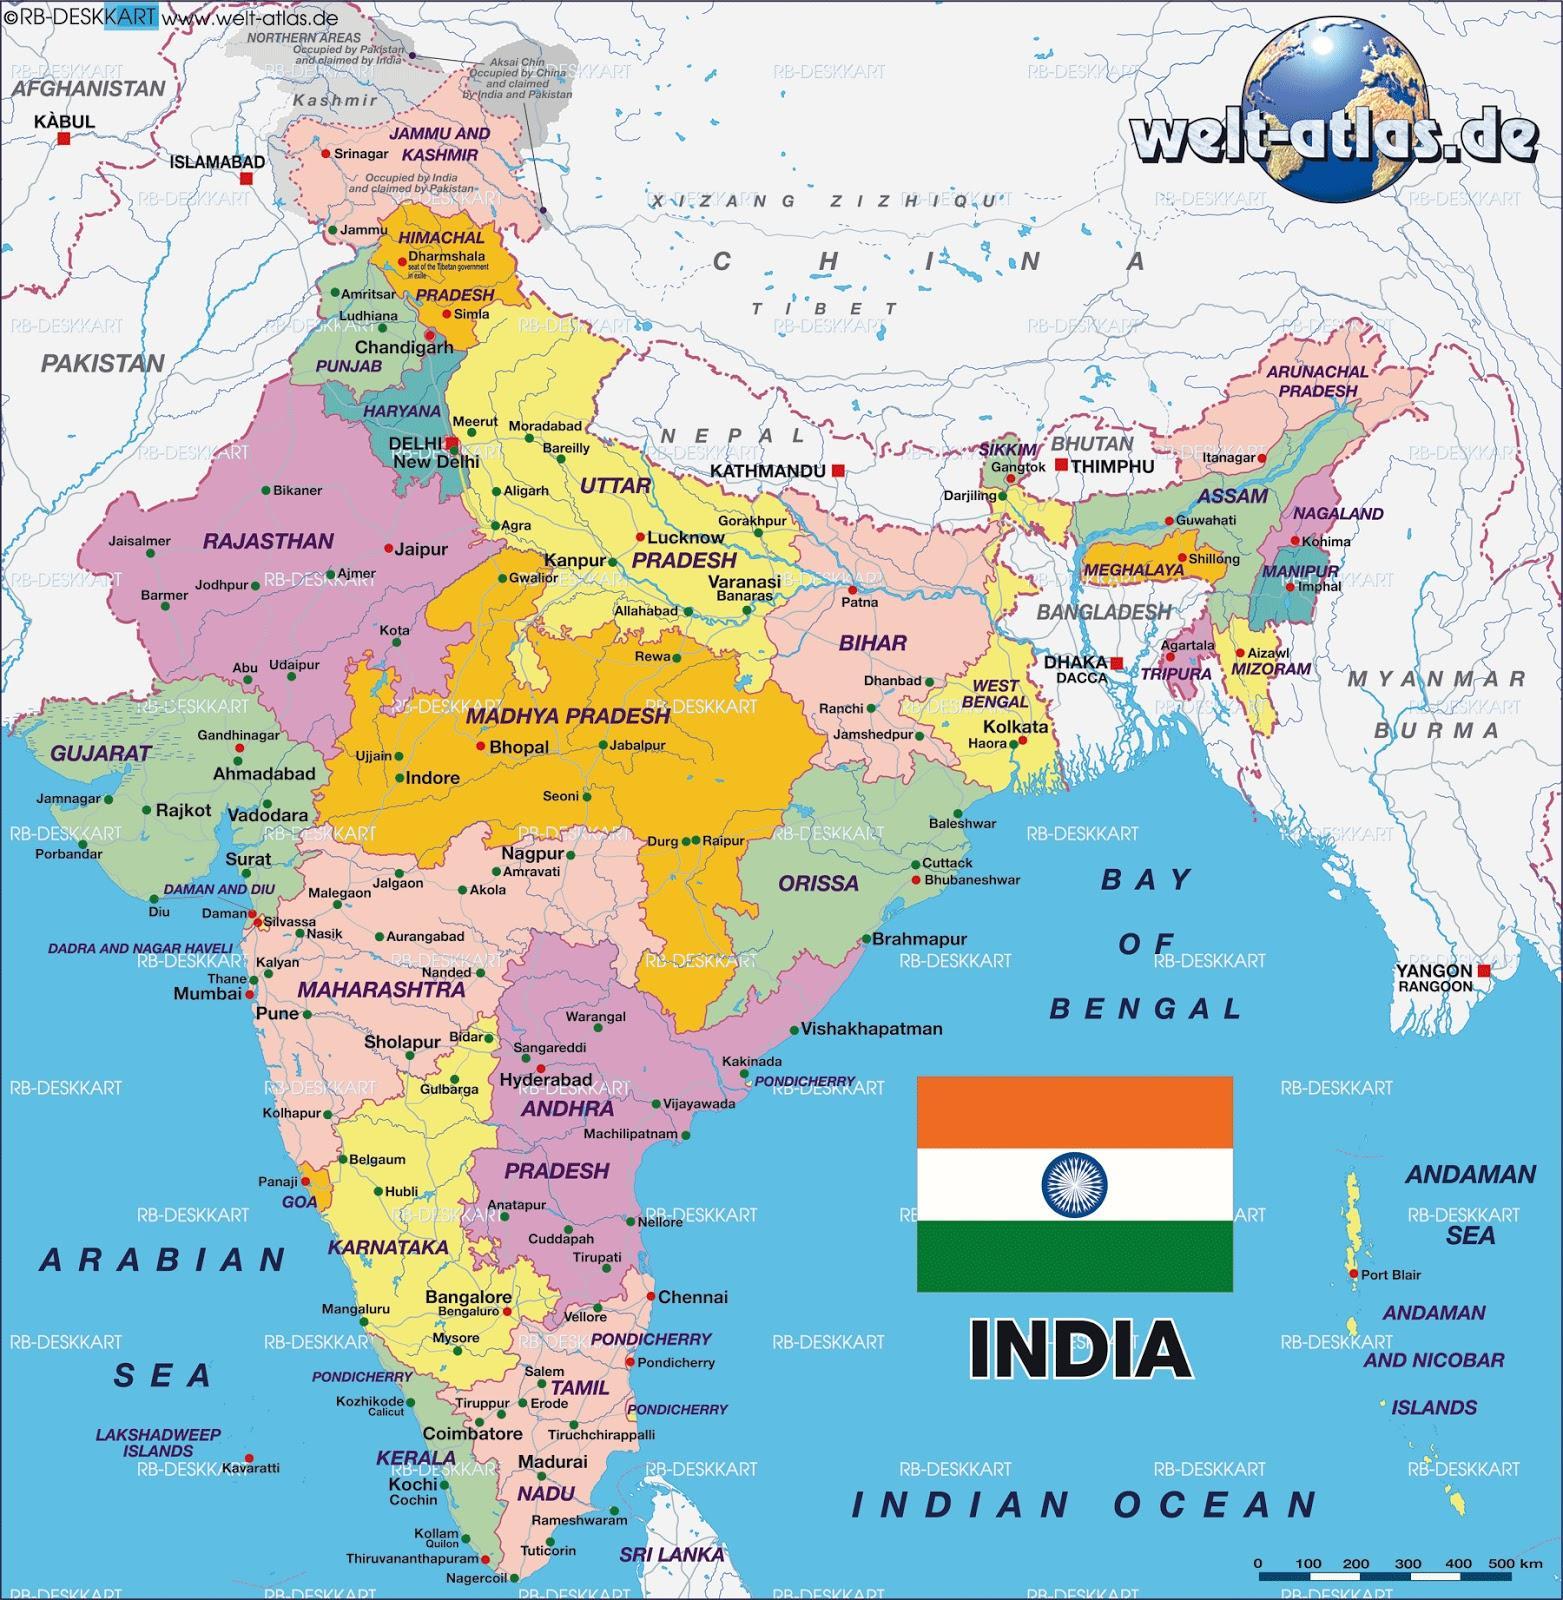 Cartina Fisica E Politica Dell India.Fisica E Politica Mappa Di India India Fisico E Politico Mappa Sud Est Asiatico Asia